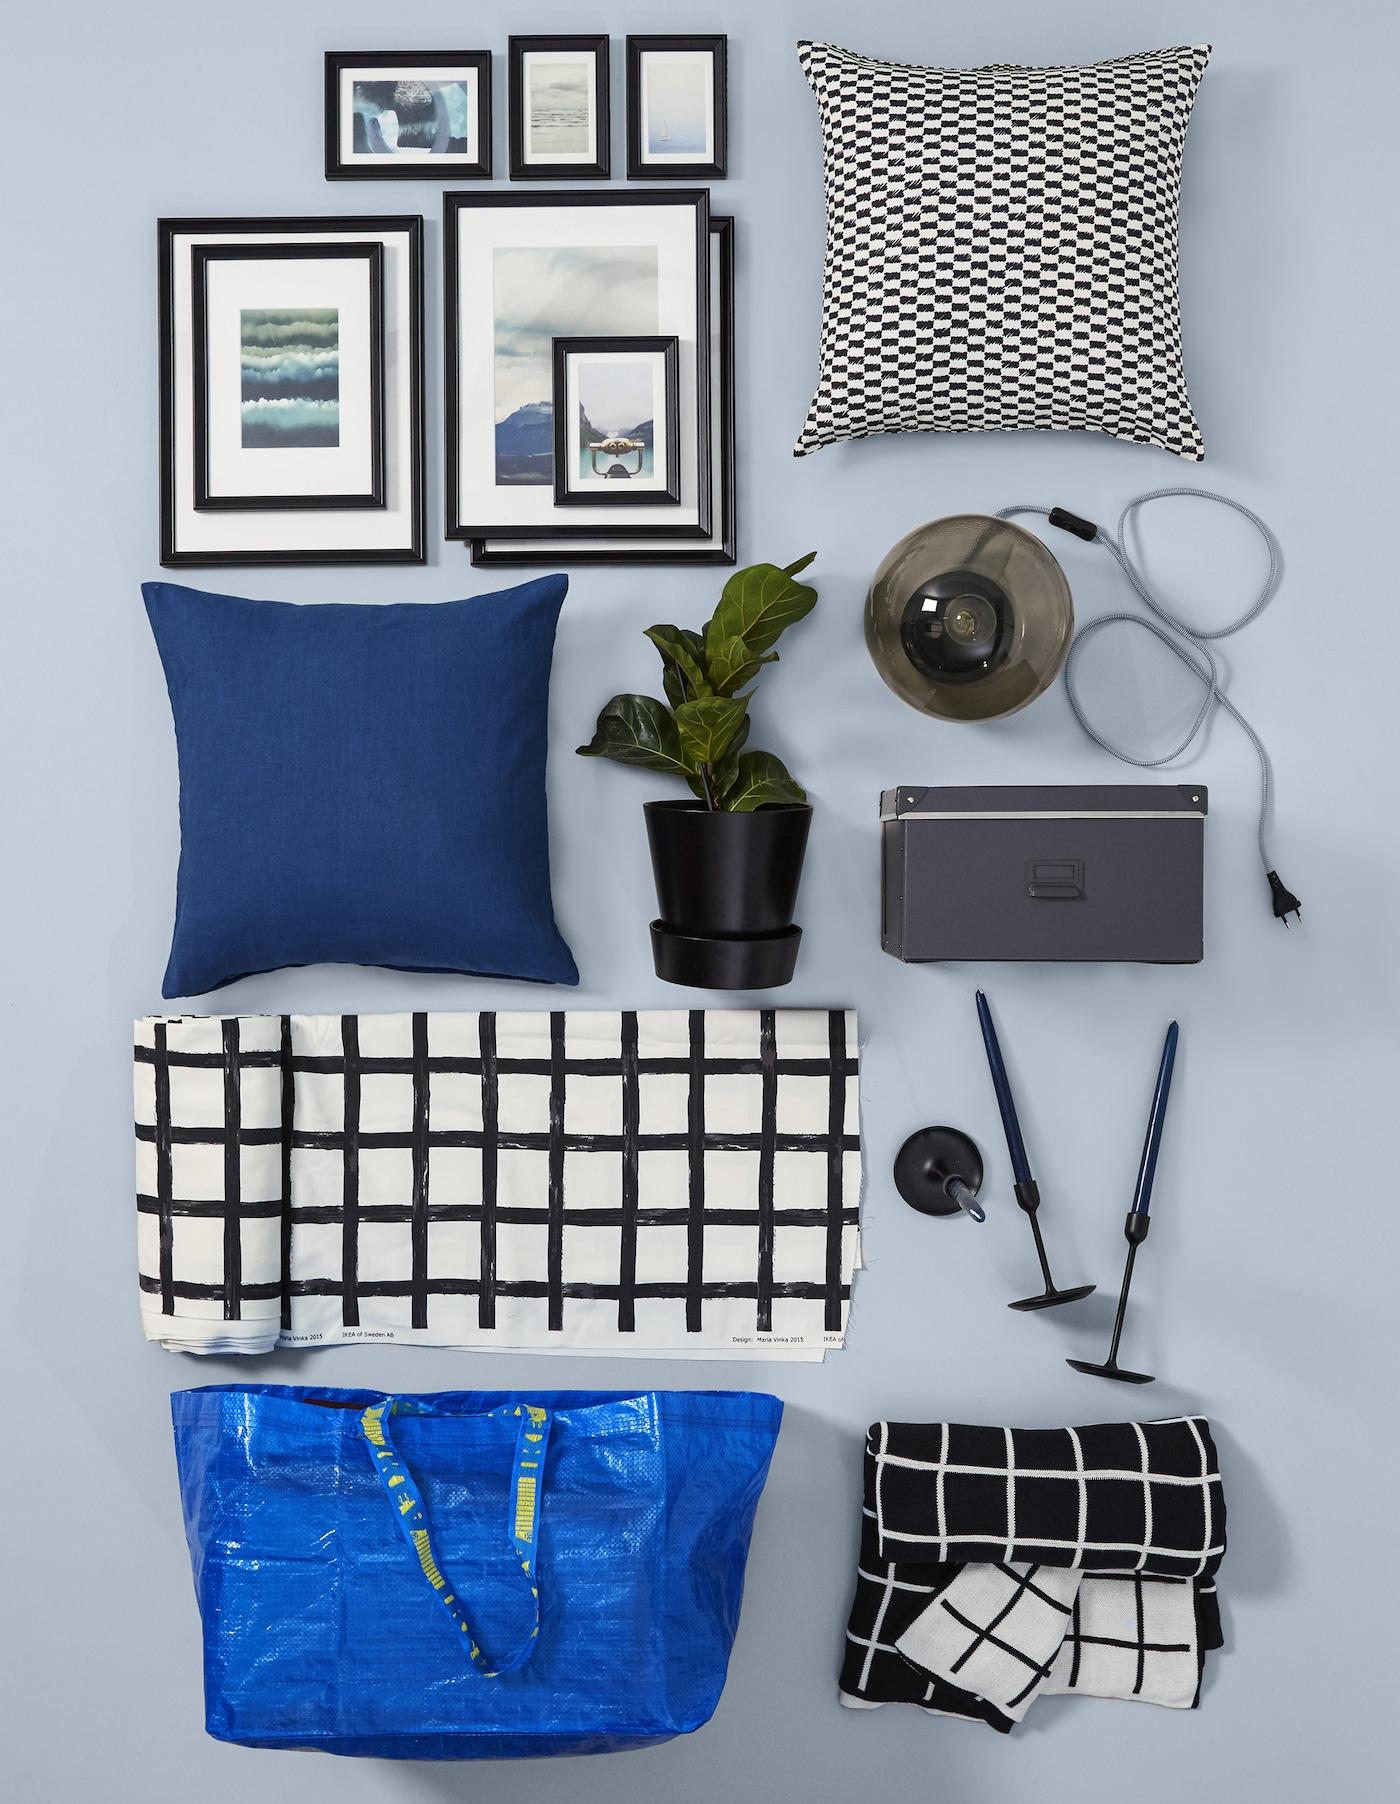 Für Ein Wohnzimmerdekor In Schwarz Und Weiß Bietet IKEA Optionen Wie Z. B.  DVÄRGBJÖRK